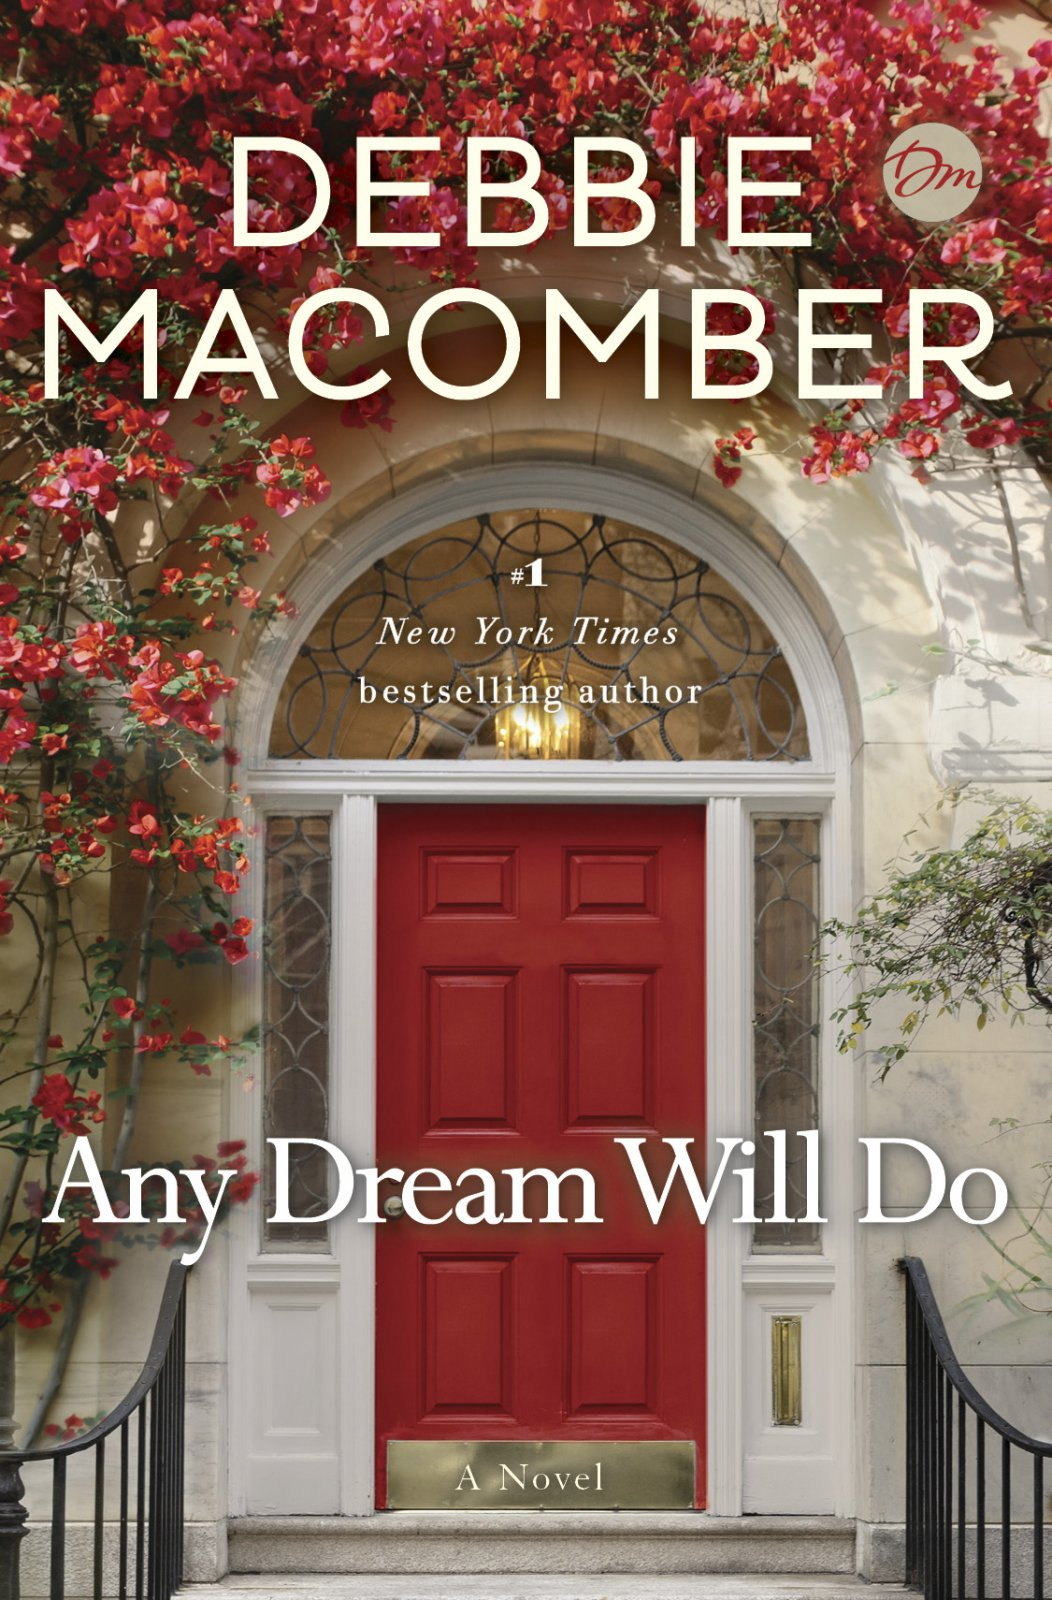 Debbie Macomber's Any Dream Will Do